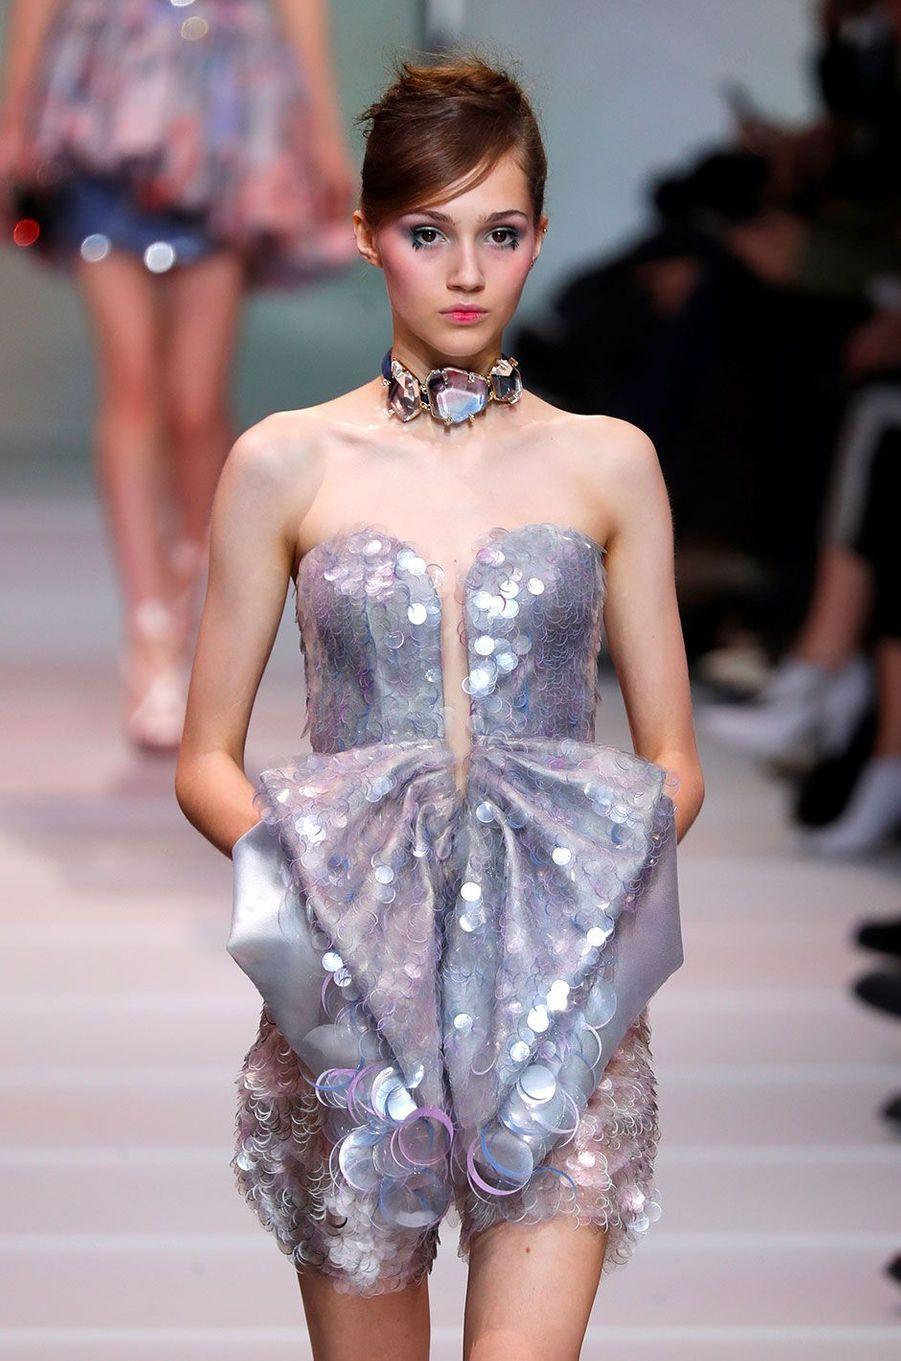 Le défilé Haute Couture de Giorgio Armani Privé, présenté à Paris le 23 janvier 2018.